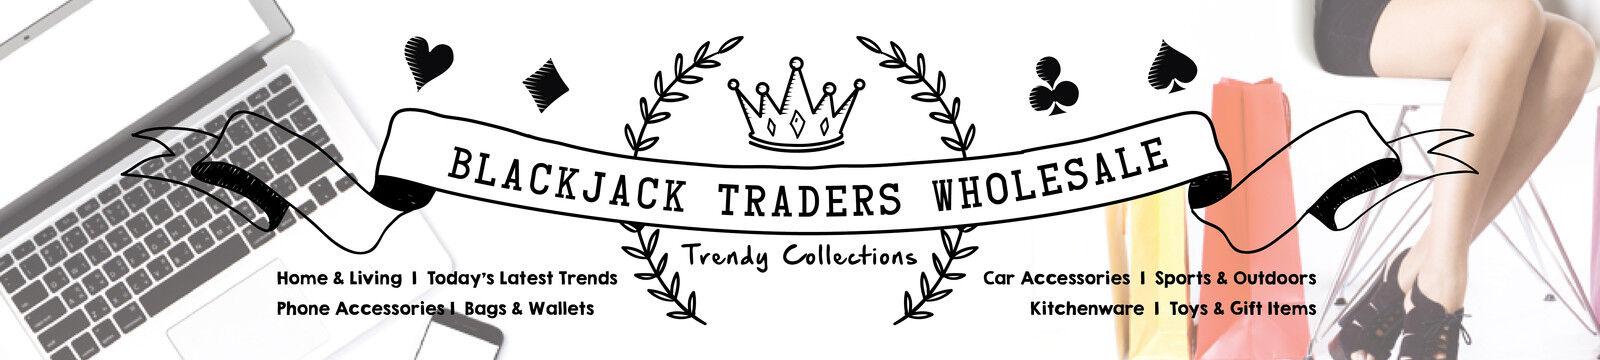 Blackjack Traders Ltd. - Wholesale